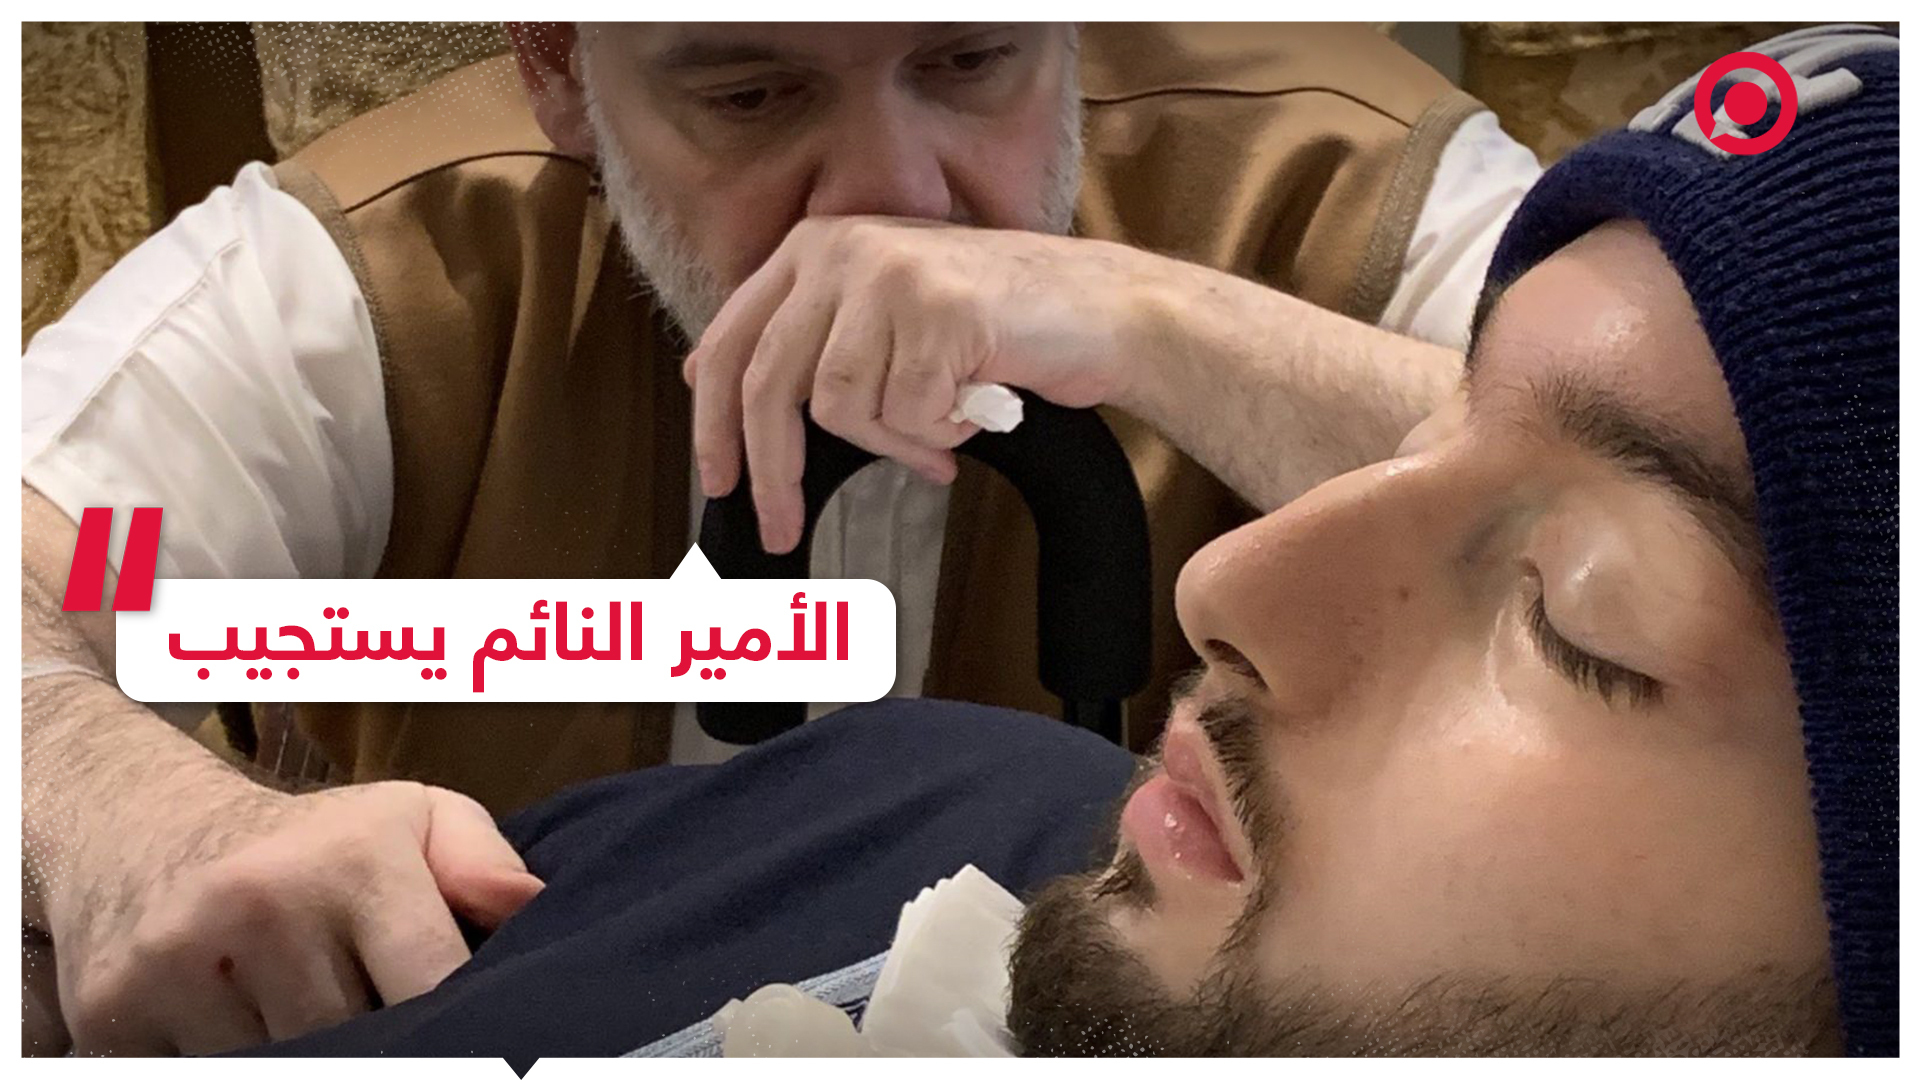 الأمير النائم يستجيب مجددا لتعليمات الطبيب